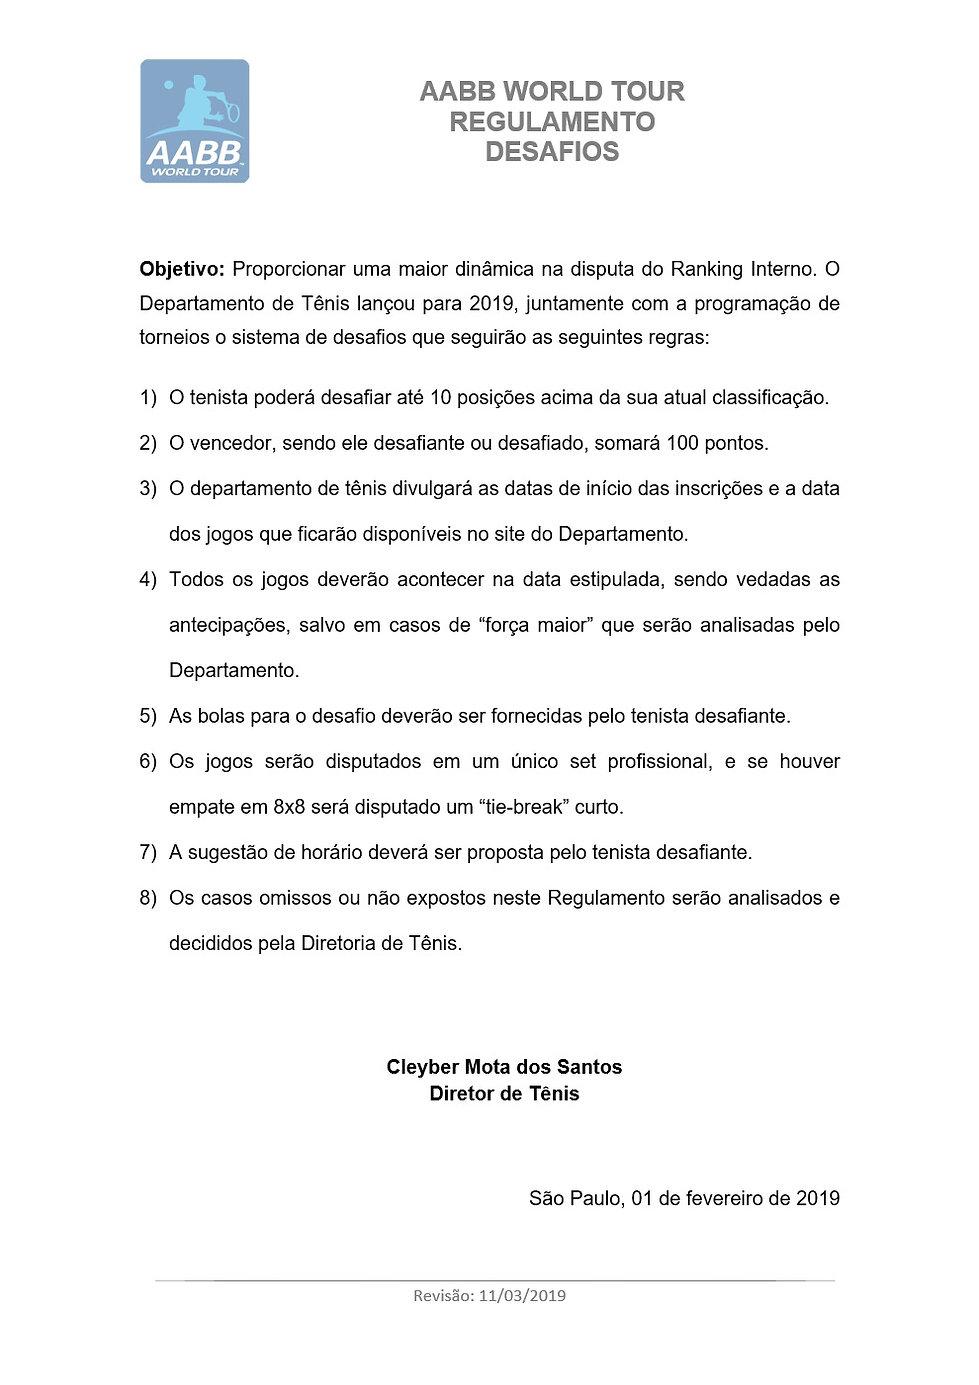 AABB WORLD TOUR - Regulamento - Desafio.